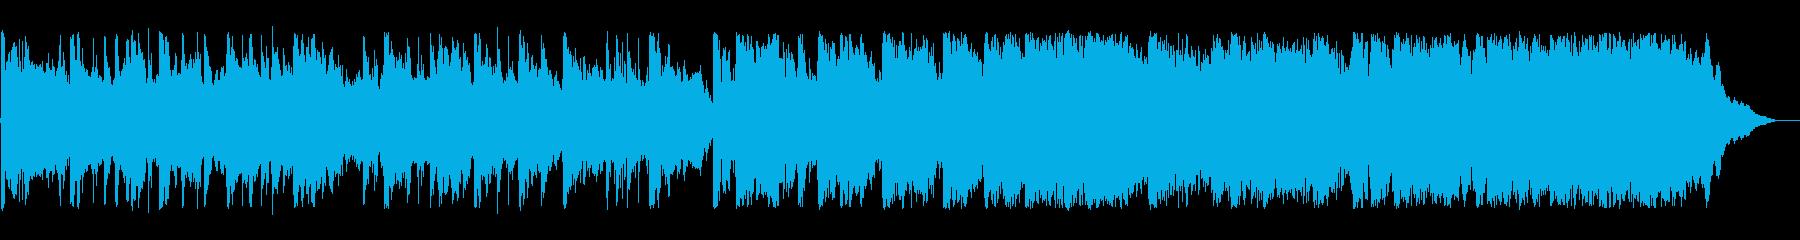 二胡などの東洋楽器を使ったBGMの再生済みの波形